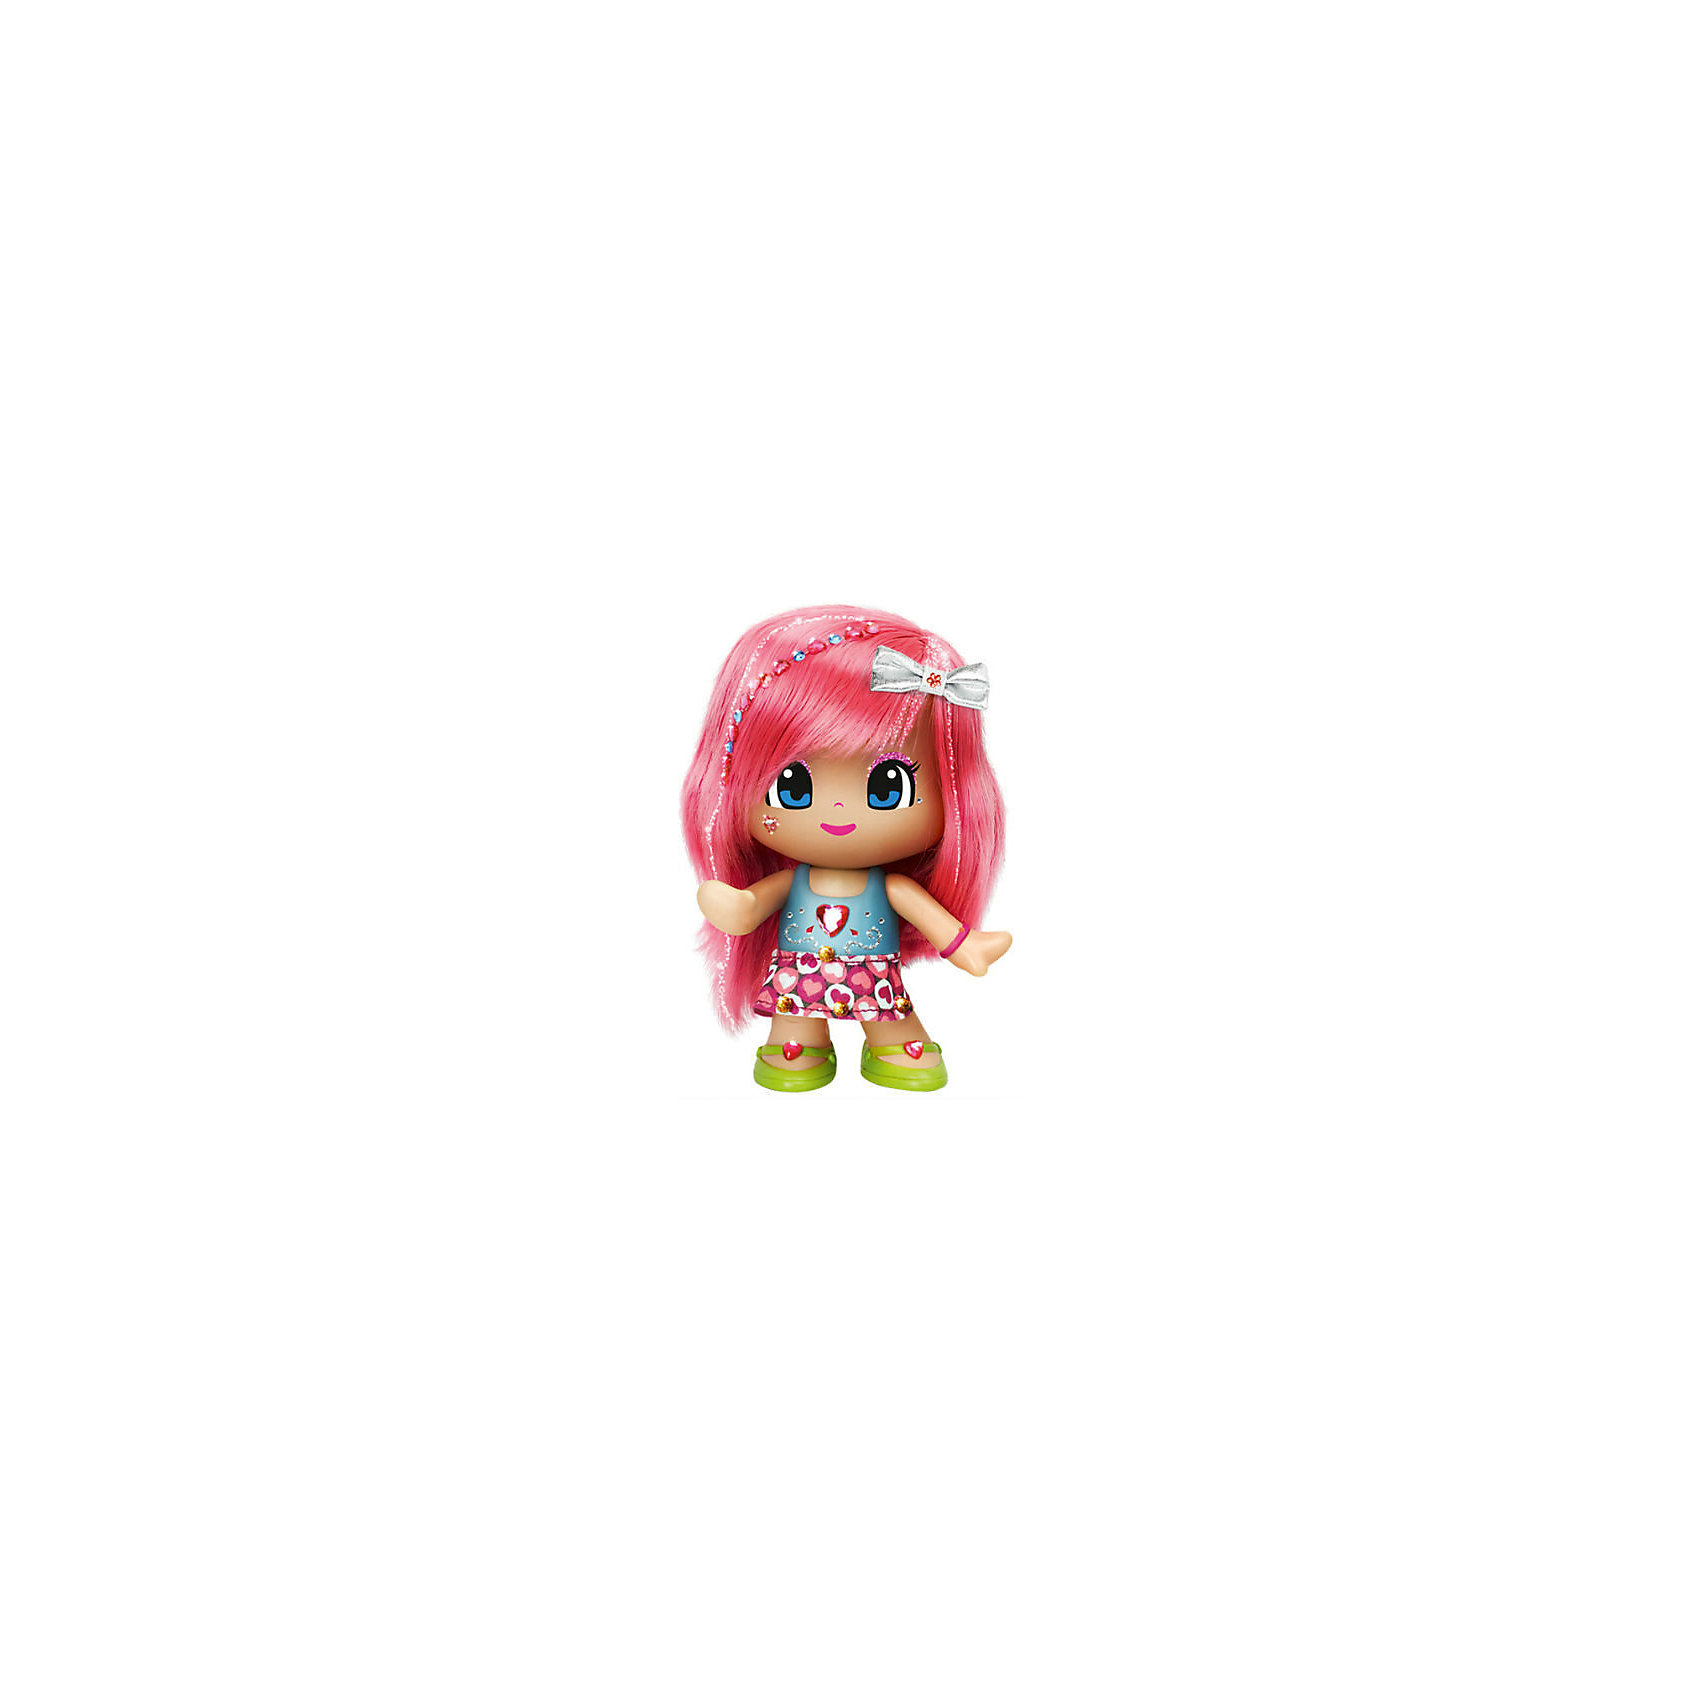 Famosa Кукла Пинипон с розовыми волосами Макияж и модная прическа, Famosa куклы gulliver кукла дынька 30см